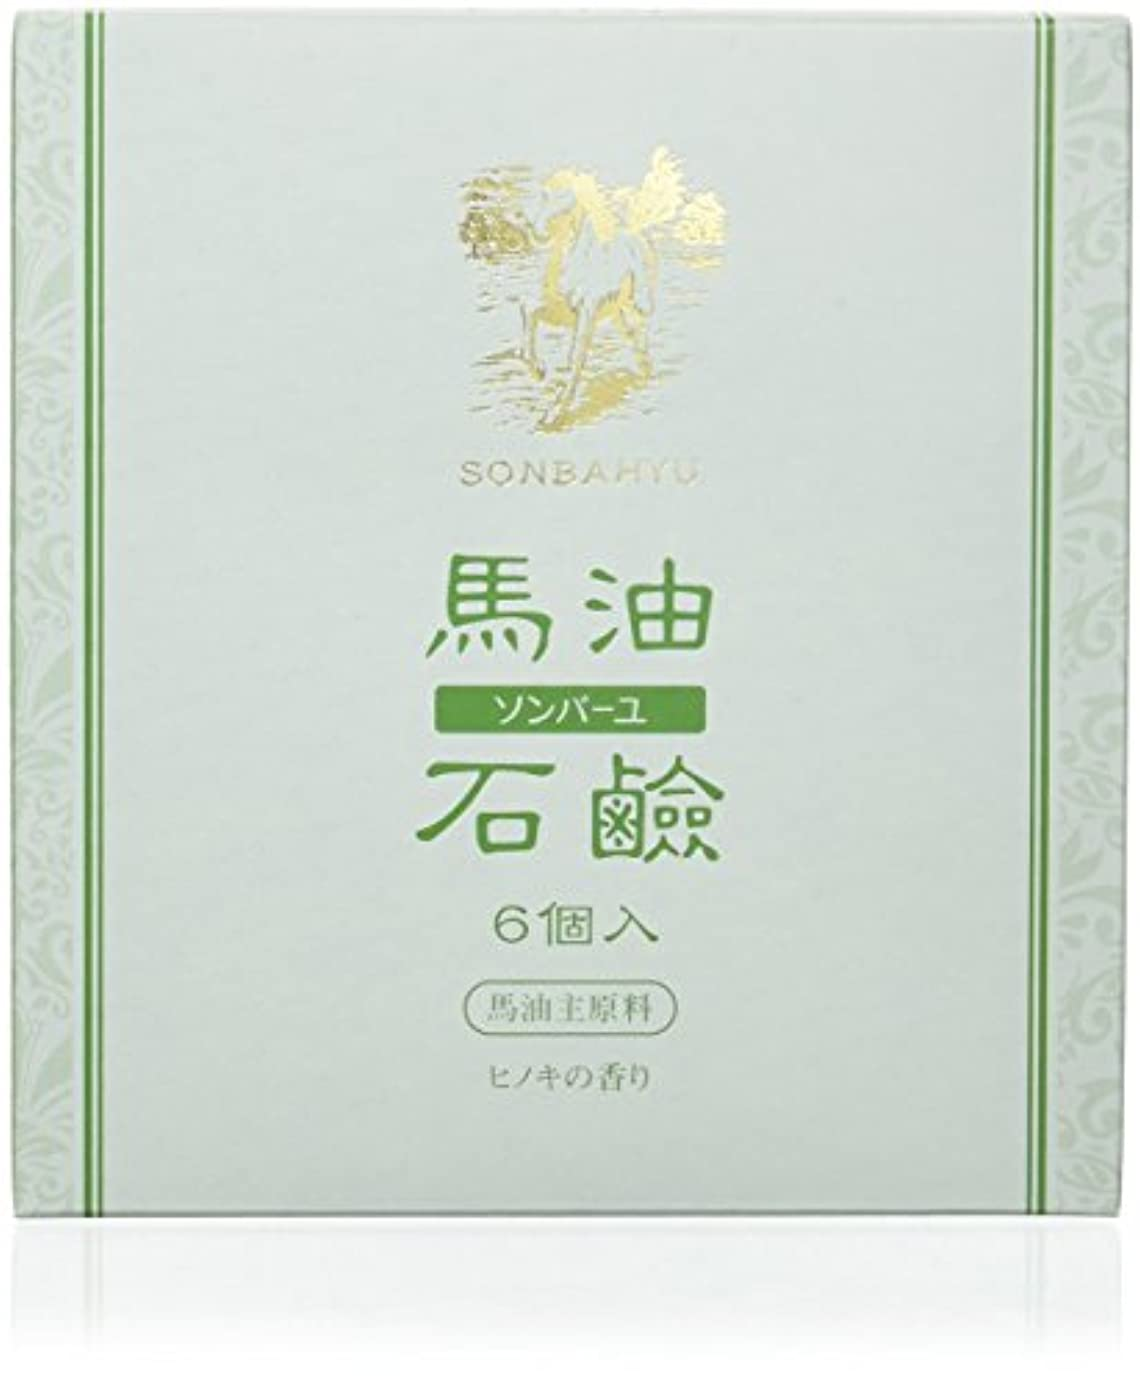 罪悪感鳩依存ソンバーユ石鹸 85g×6個 ヒノキの香り